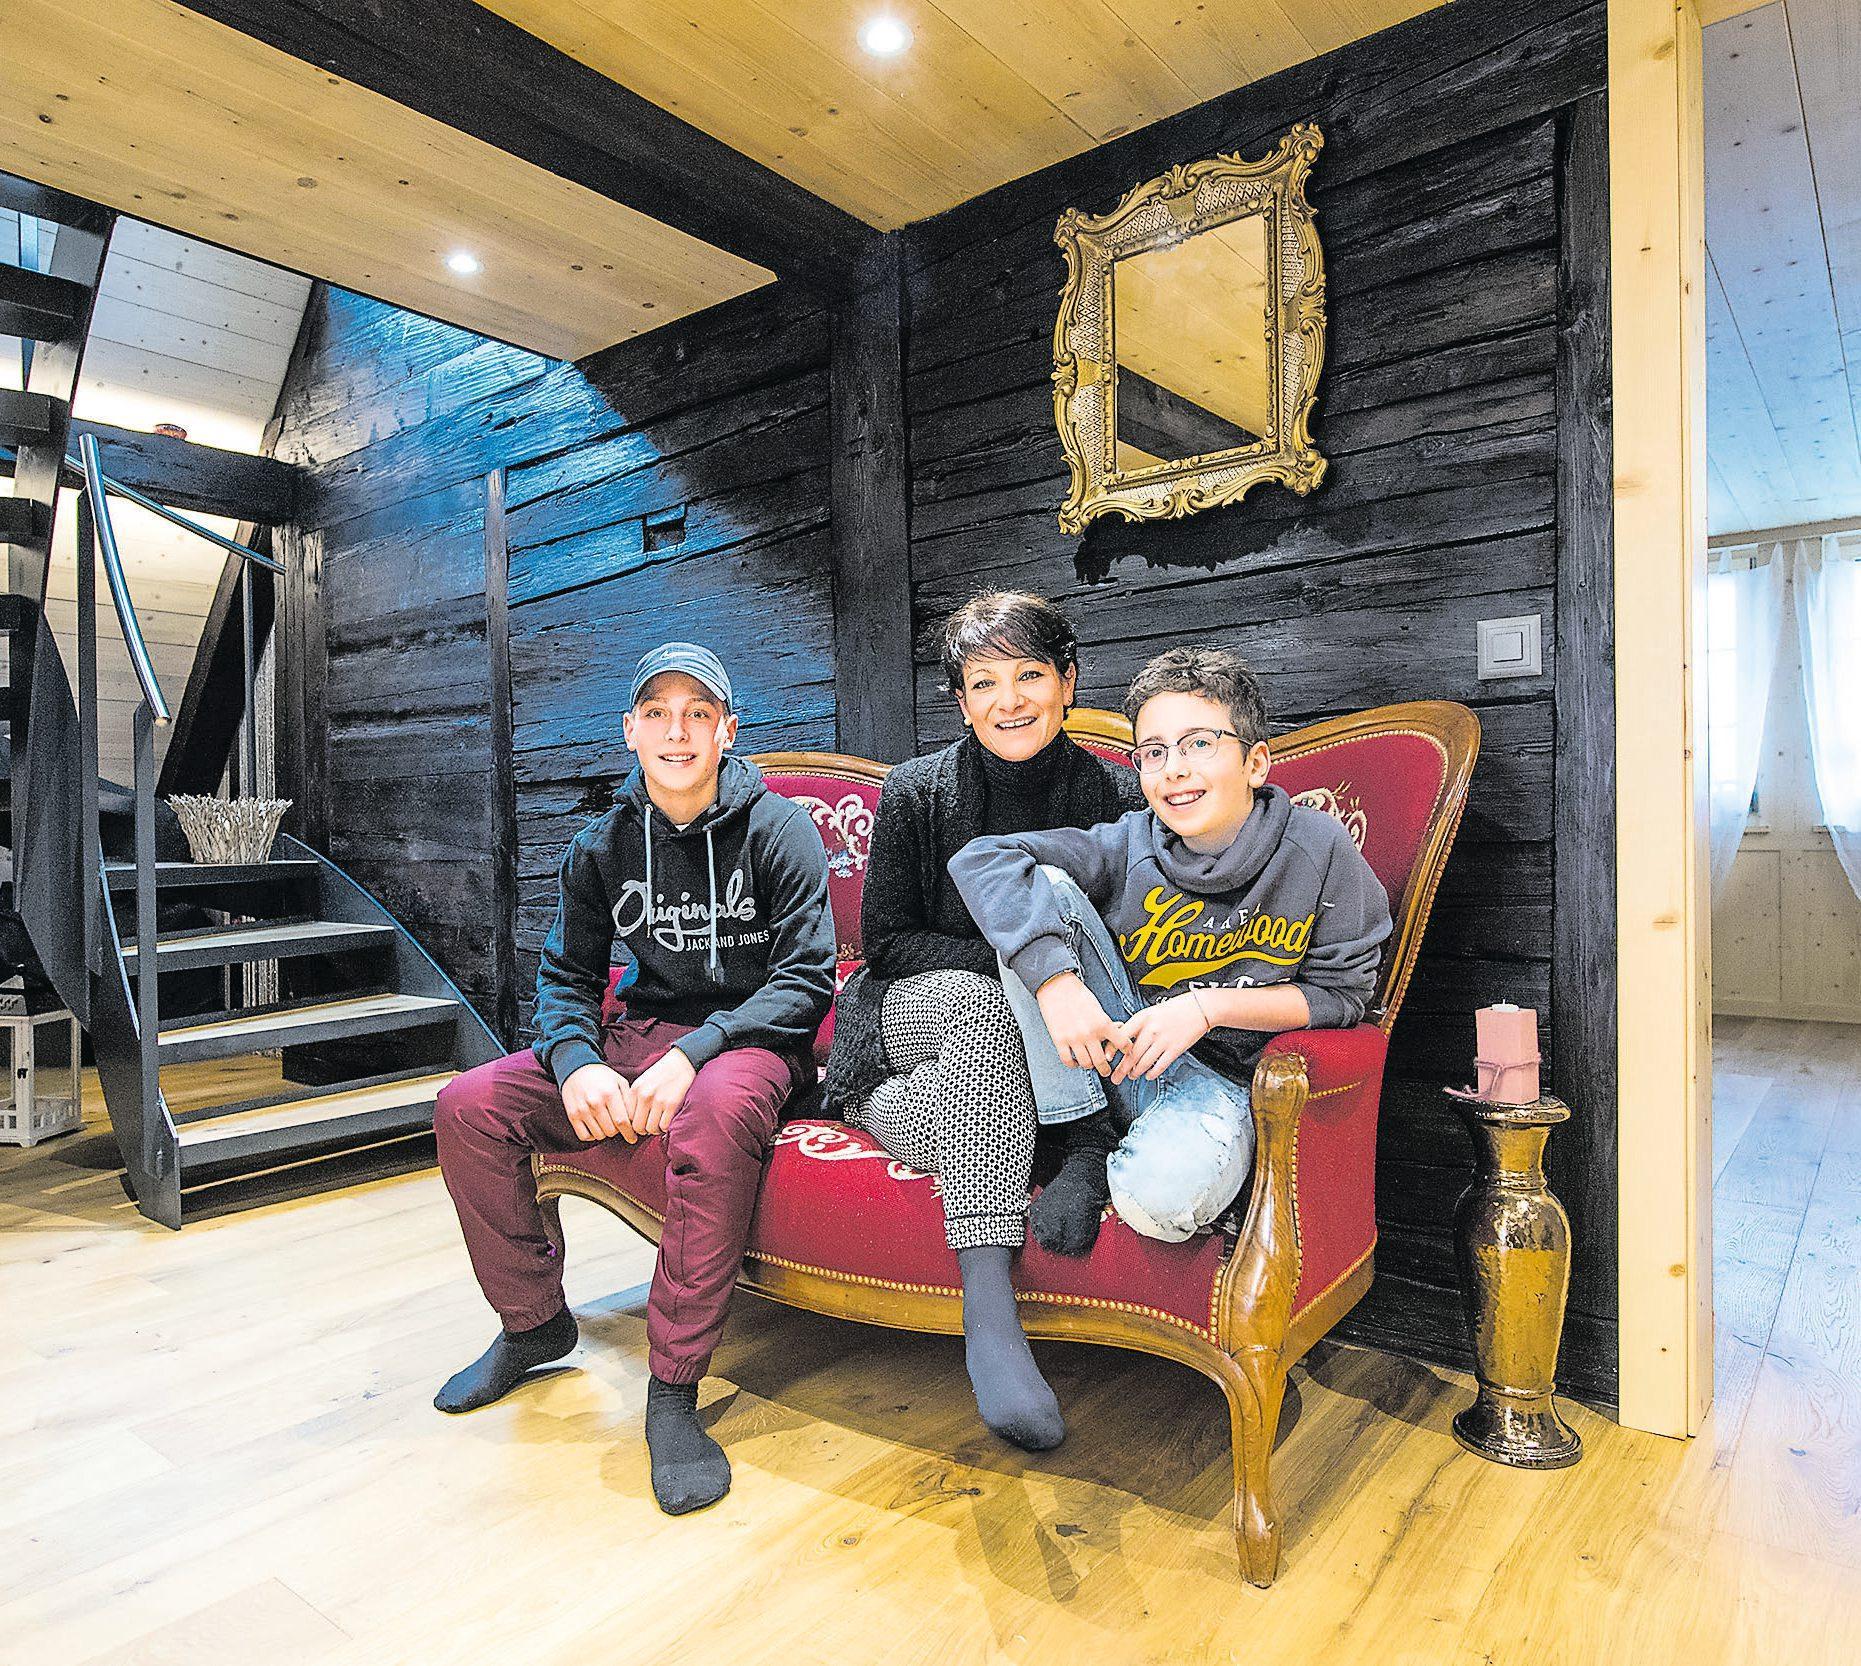 Adelaide Belfiglio mit ihren Söhnen Diego (l.) und Raoul auf dem Lieblingsmöbelstück: einem Brokatsofa. Bild: Eveline Beerkircher